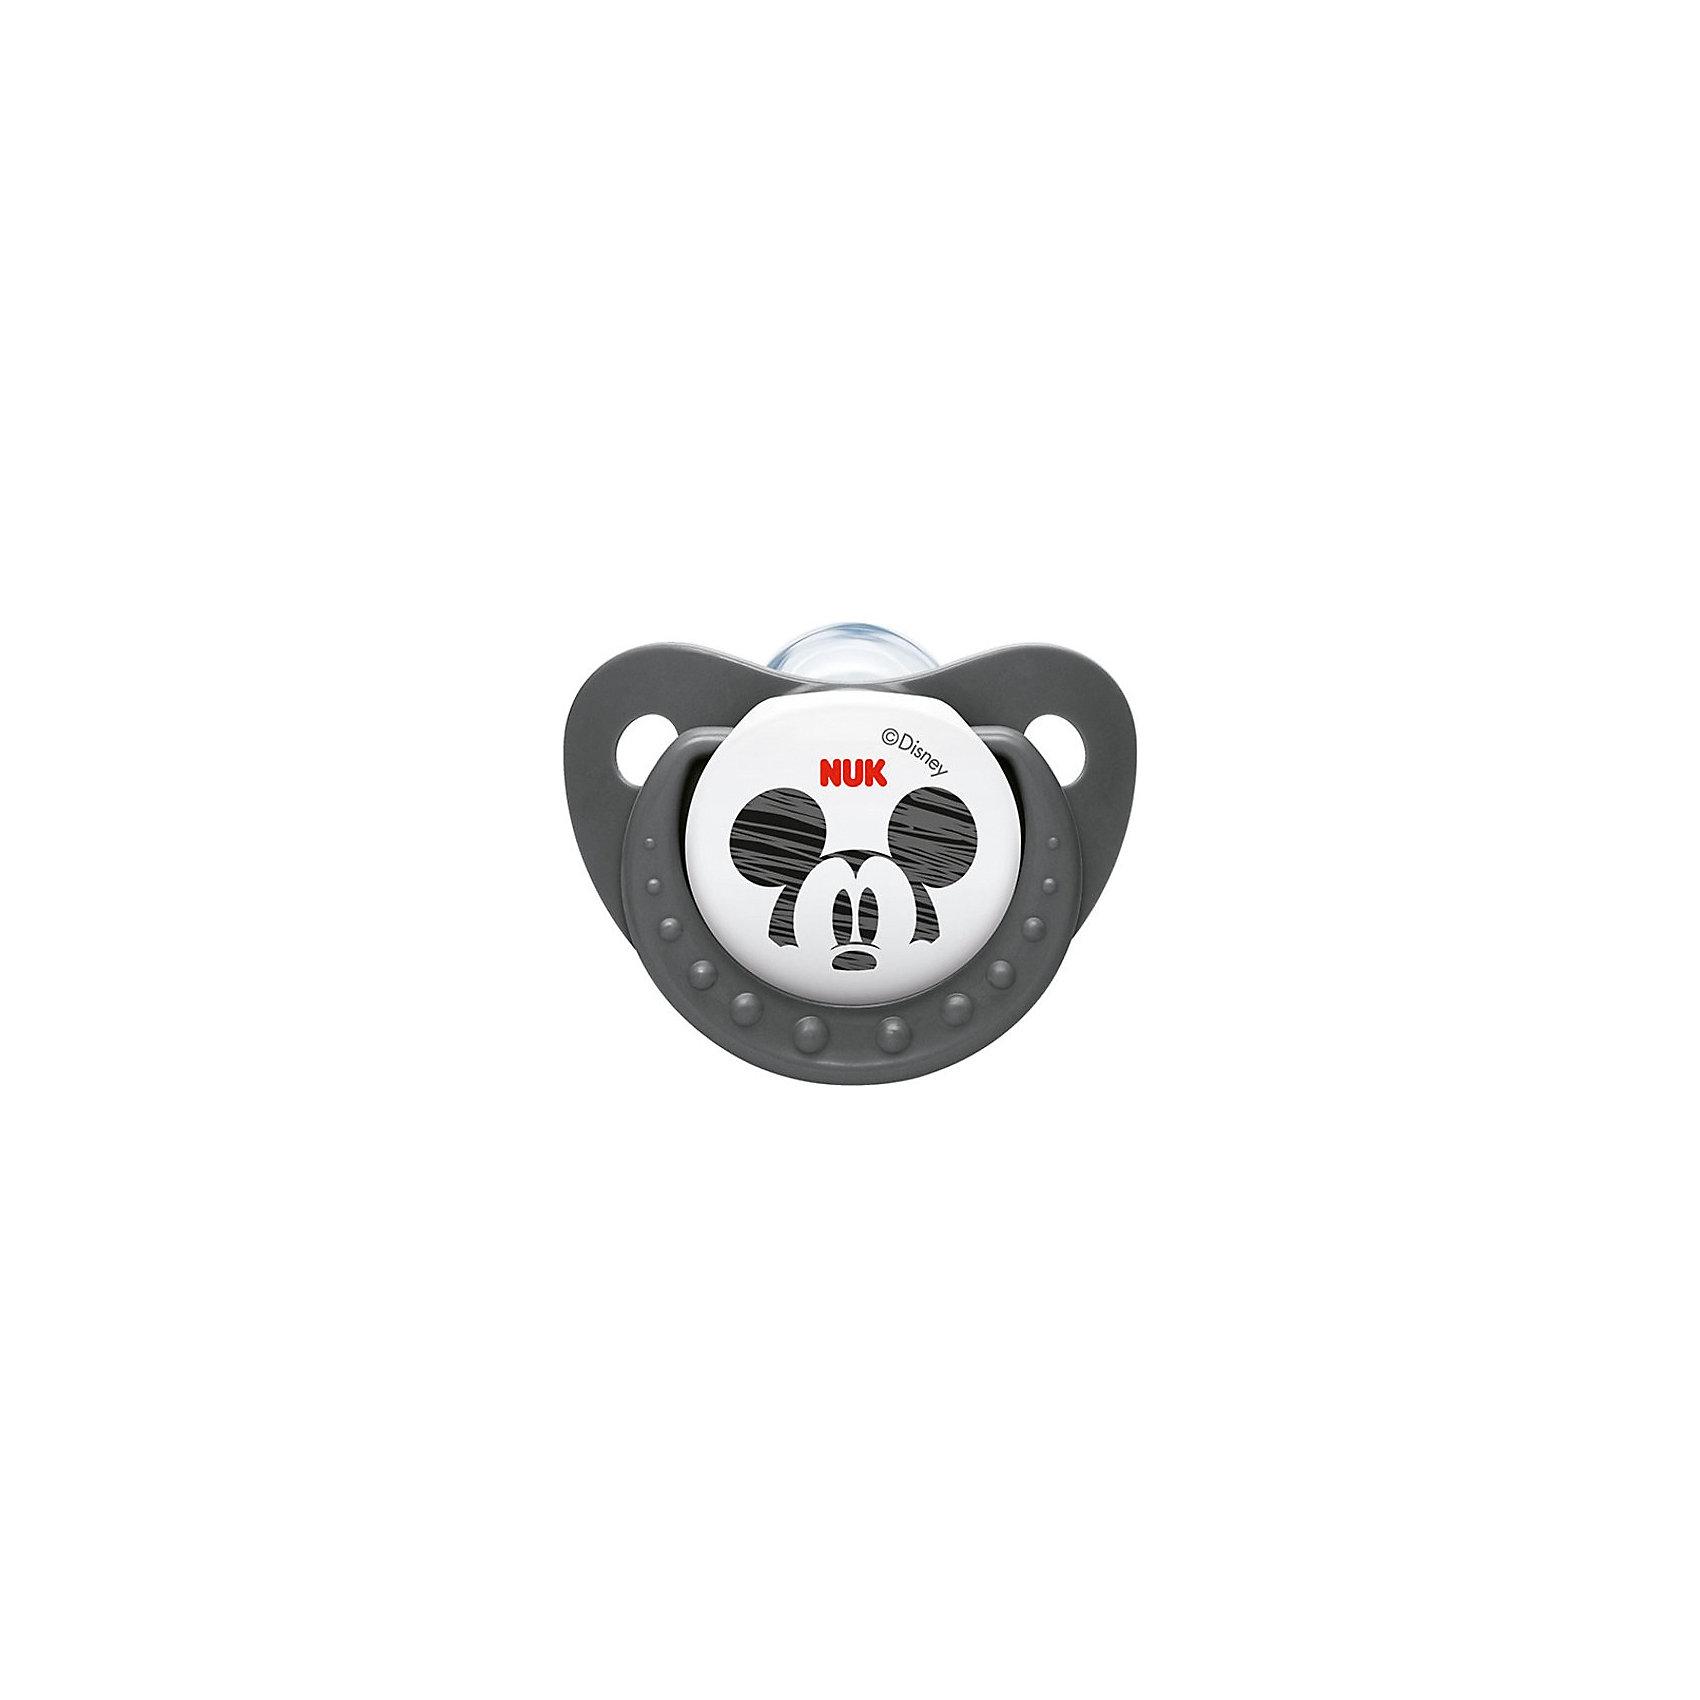 Пустышка силиконовая успокаивающая Disney Микки Маус, 0-6 мес., NUK, черный/белыйПустышки из силикона<br>Пустышка силиконовая усп. ДИСНЕЙ МИККИ  р-р 1 от известного производителя высококачественных товаров для новорожденных NUK (Нук). Эта успокаивающая пустышка с интересным дизайном и знаменитым Микки Маусом придет по вкусу как малышу, так и маме. Пустышка выполнена из силикона, полностью прозрачна и не имеет собственного вкуса или запаха. Форма соски протестирована и одобрена ортодонтами и подстраивается под ротик малыша, оставляя место для движения языка и не деформируя формирование прикуса малыша. Специально разработанная схема строения соски не пропускает воздух во время сосания, предотвращая появление коликов. Превосходное качество и безопасность для вашего малыша.<br><br>Дополнительная информация:<br>- Материал: силикон, пластик<br>- Размер соски: 1<br>- Система NUK AIR <br><br>Пустышку силиконовую усп. ДИСНЕЙ МИККИ  р-р 1, NUK (Нук) можно купить в нашем интернет-магазине.<br>Подробнее:<br>• Для детей в возрасте: от 0 до 6 месяцев<br>• Номер товара: 4998438<br>Страна производитель: Германия<br><br>Ширина мм: 9<br>Глубина мм: 9<br>Высота мм: 173<br>Вес г: 26<br>Возраст от месяцев: 0<br>Возраст до месяцев: 6<br>Пол: Унисекс<br>Возраст: Детский<br>SKU: 4998438